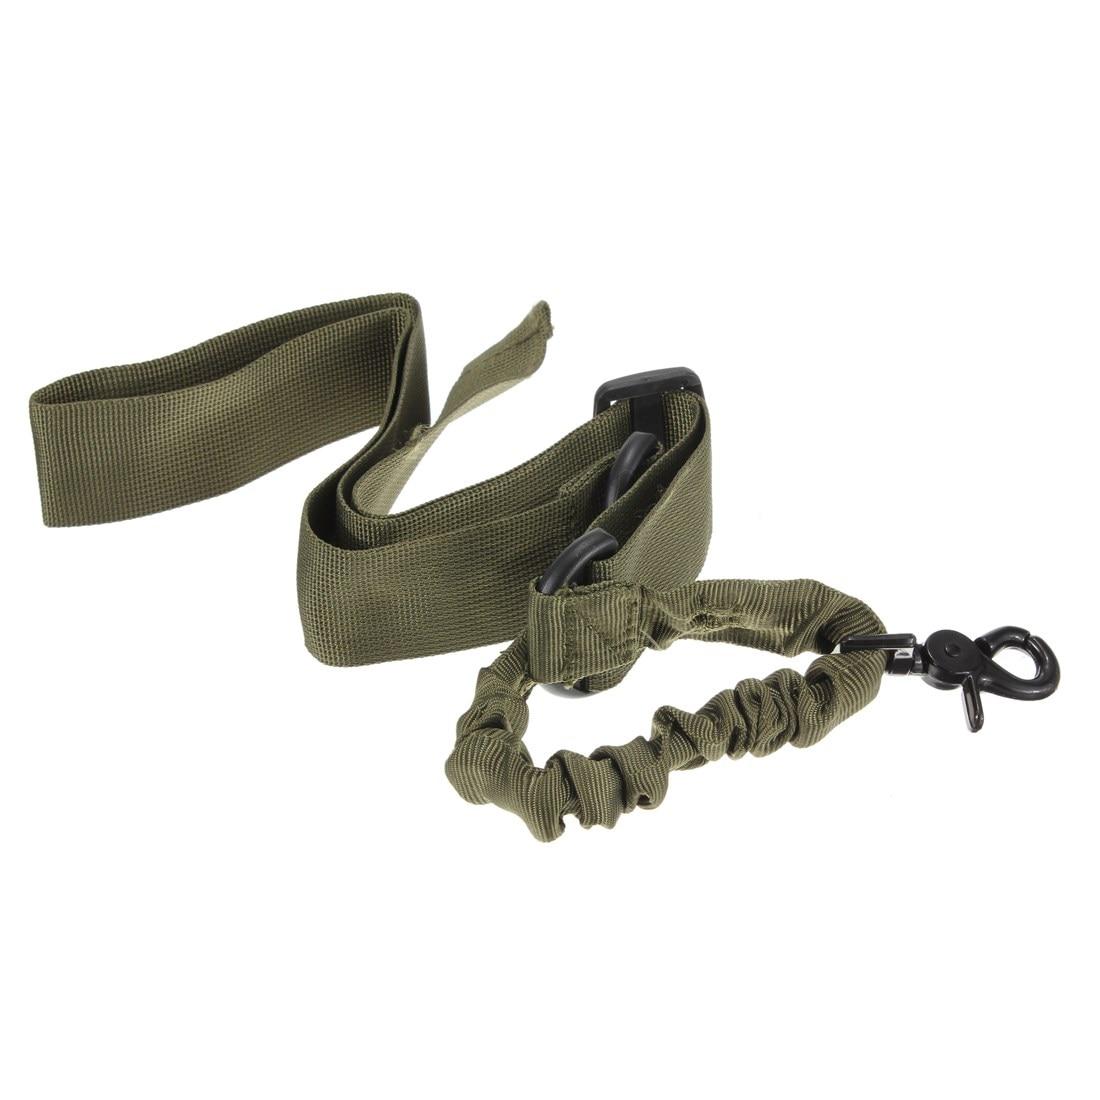 NUEVA Nylon de Múltiples funciones Ajustable Tactical single point Bungee Pistol